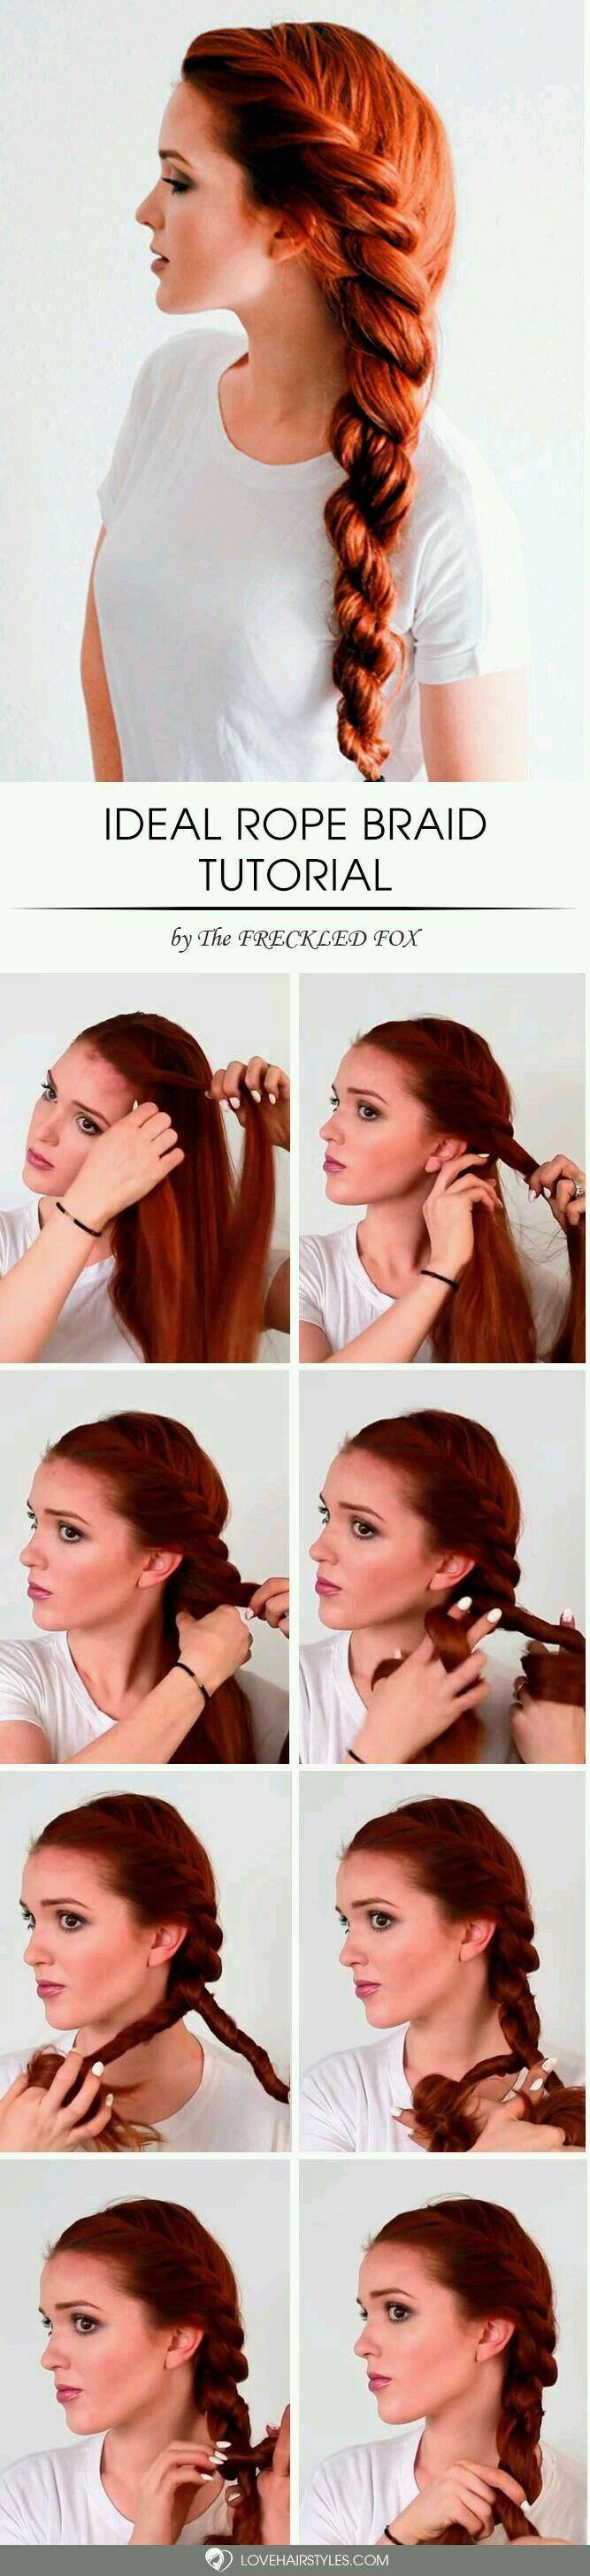 15 idee di acconciatura quotidiane facili da fare per capelli corti, medi e lunghi sei …